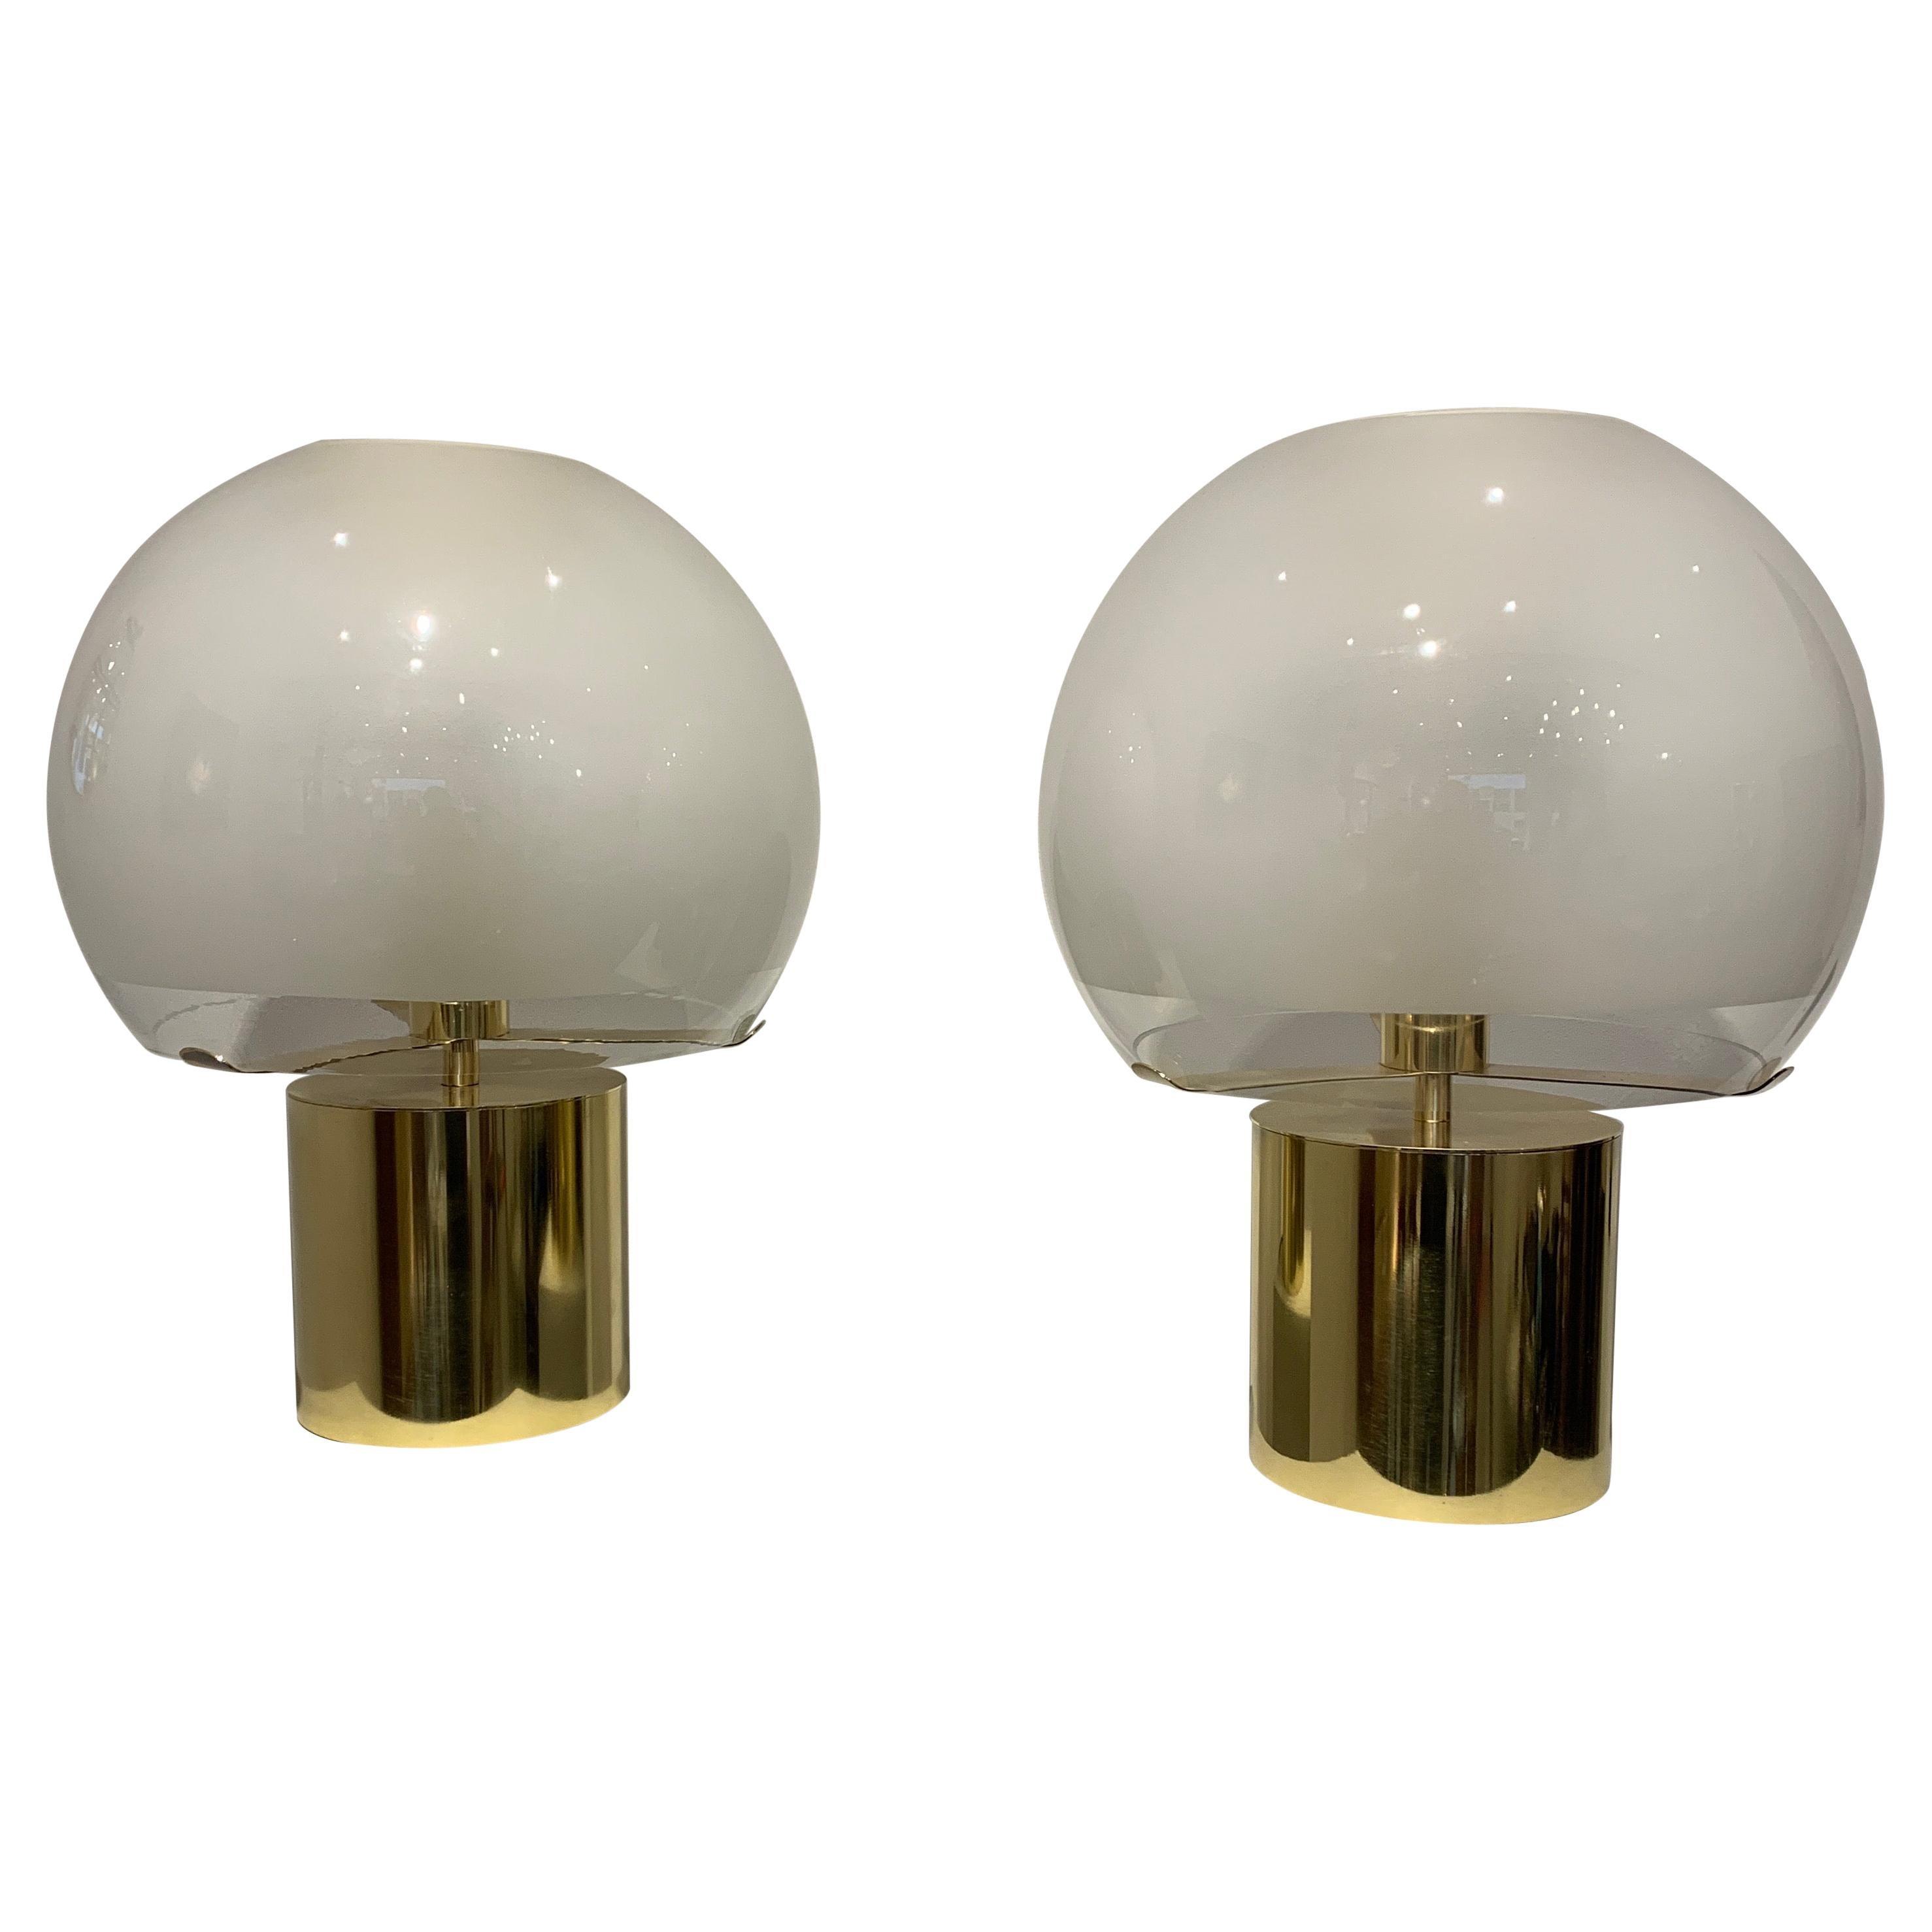 Luigi Caccia Dominioni Porcino Lamps